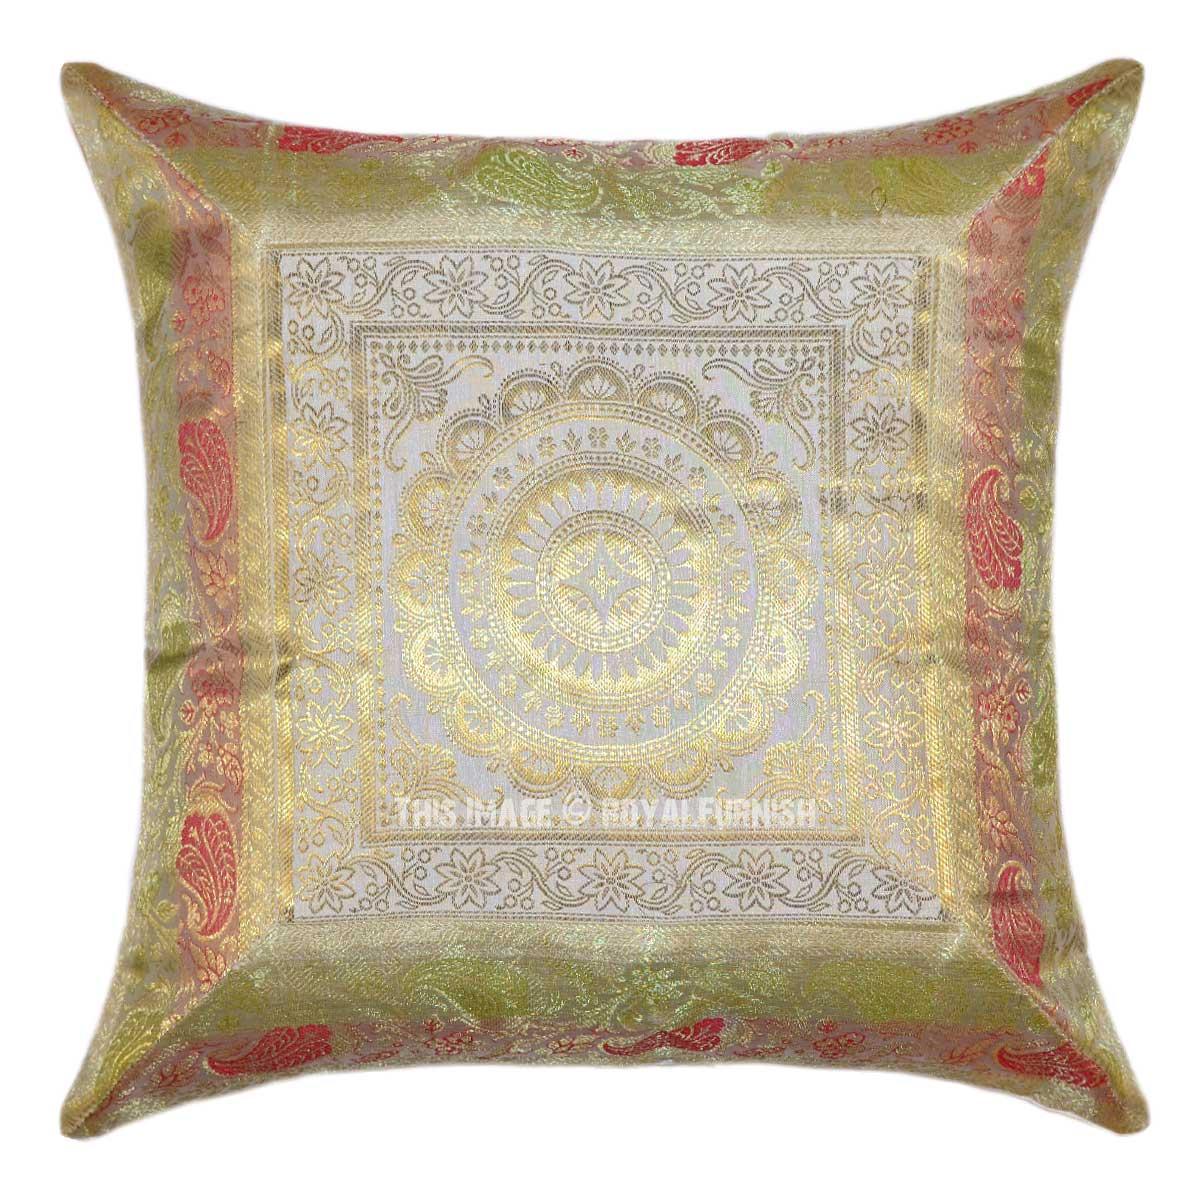 Throw Me A Pillow Coupon Code : Indian Silk Brocade Pillows & Sari Pillows - Royal Furnish